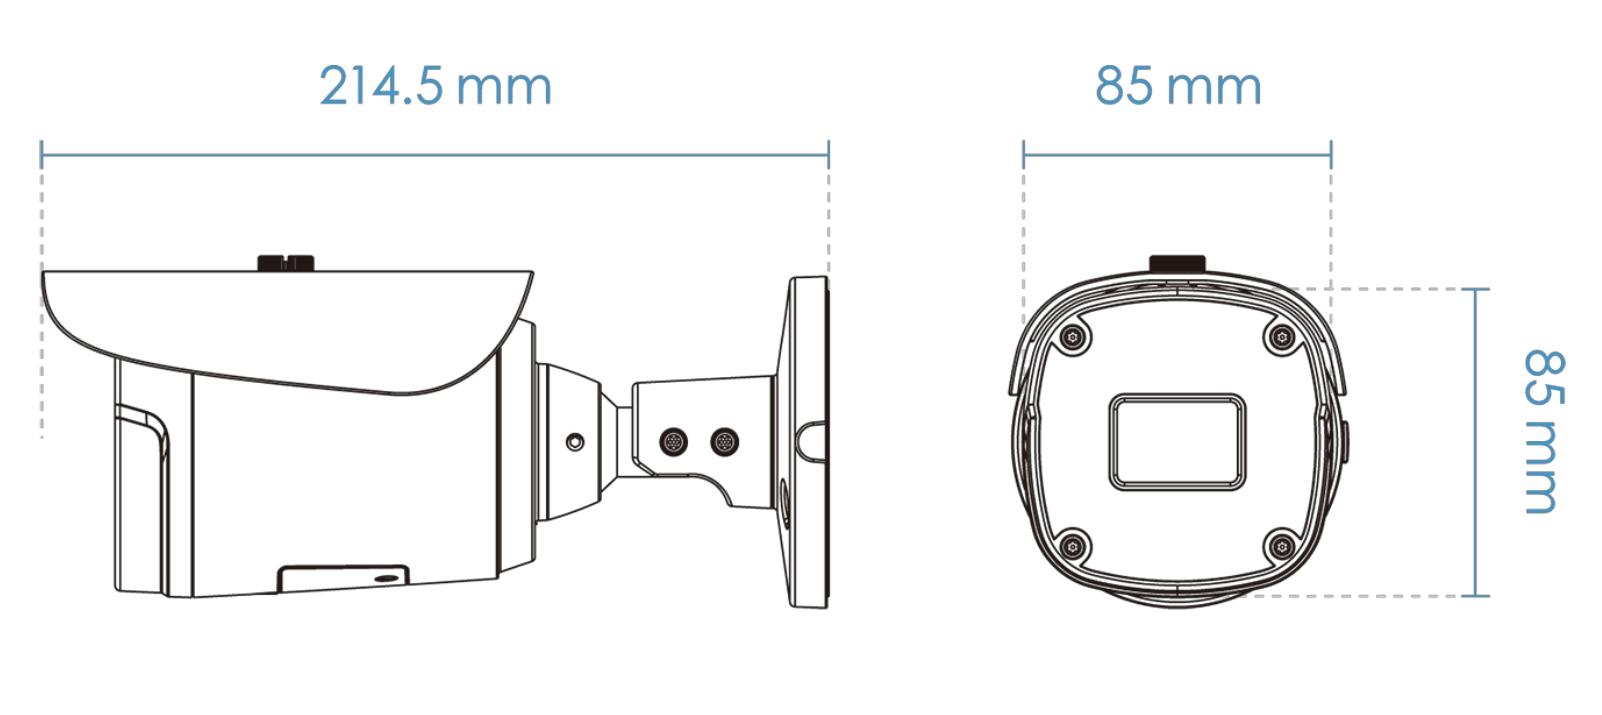 IB9368-HT Dimensions